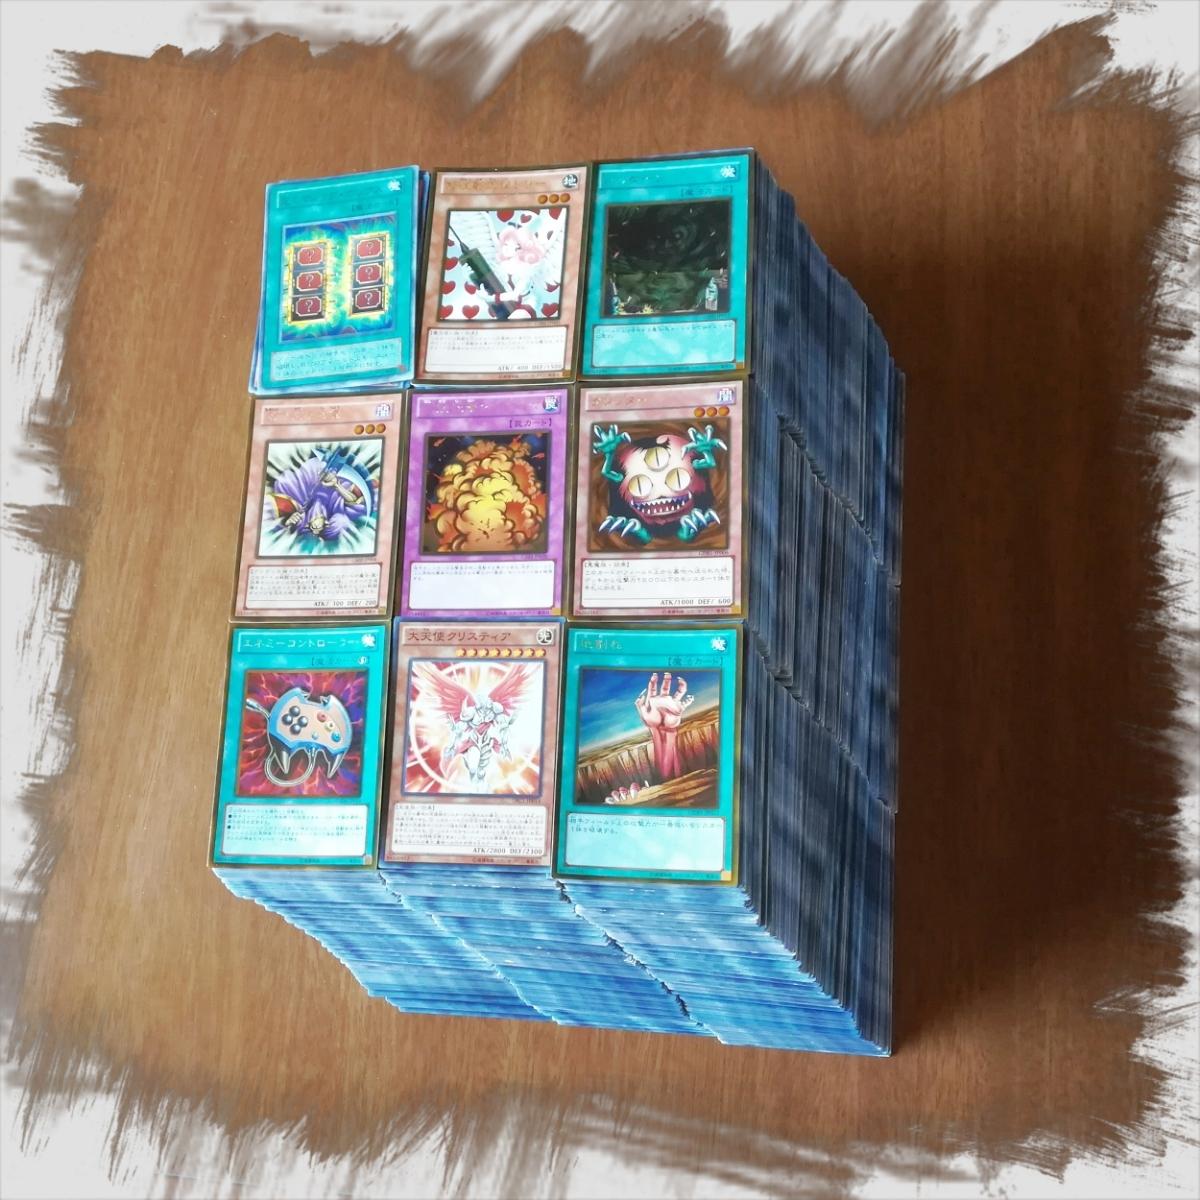 【遊戯王カード約2000枚(レアカード約100枚含む)セット】トレカ/大量/まとめ売り/二千枚/カードゲーム/【管理No.再38】_画像1